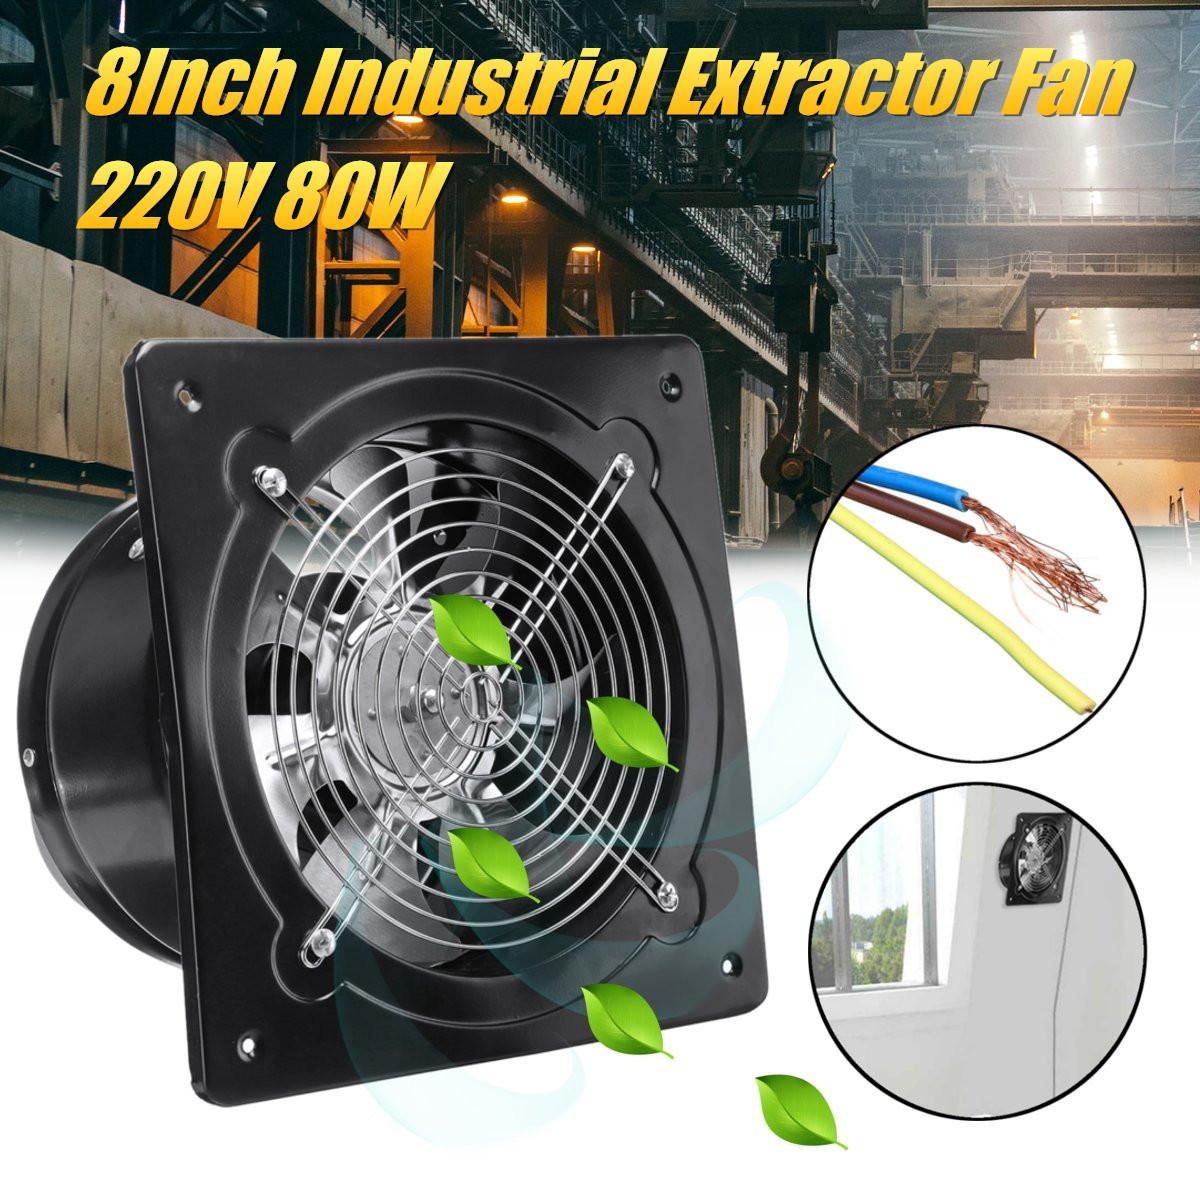 8 pouces 220 V 80 W en acier inoxydable panneau ventilateur industriel ventilation ventilateur en métal montage mural ventilateur d'échappement cuisine fenêtre extracteur